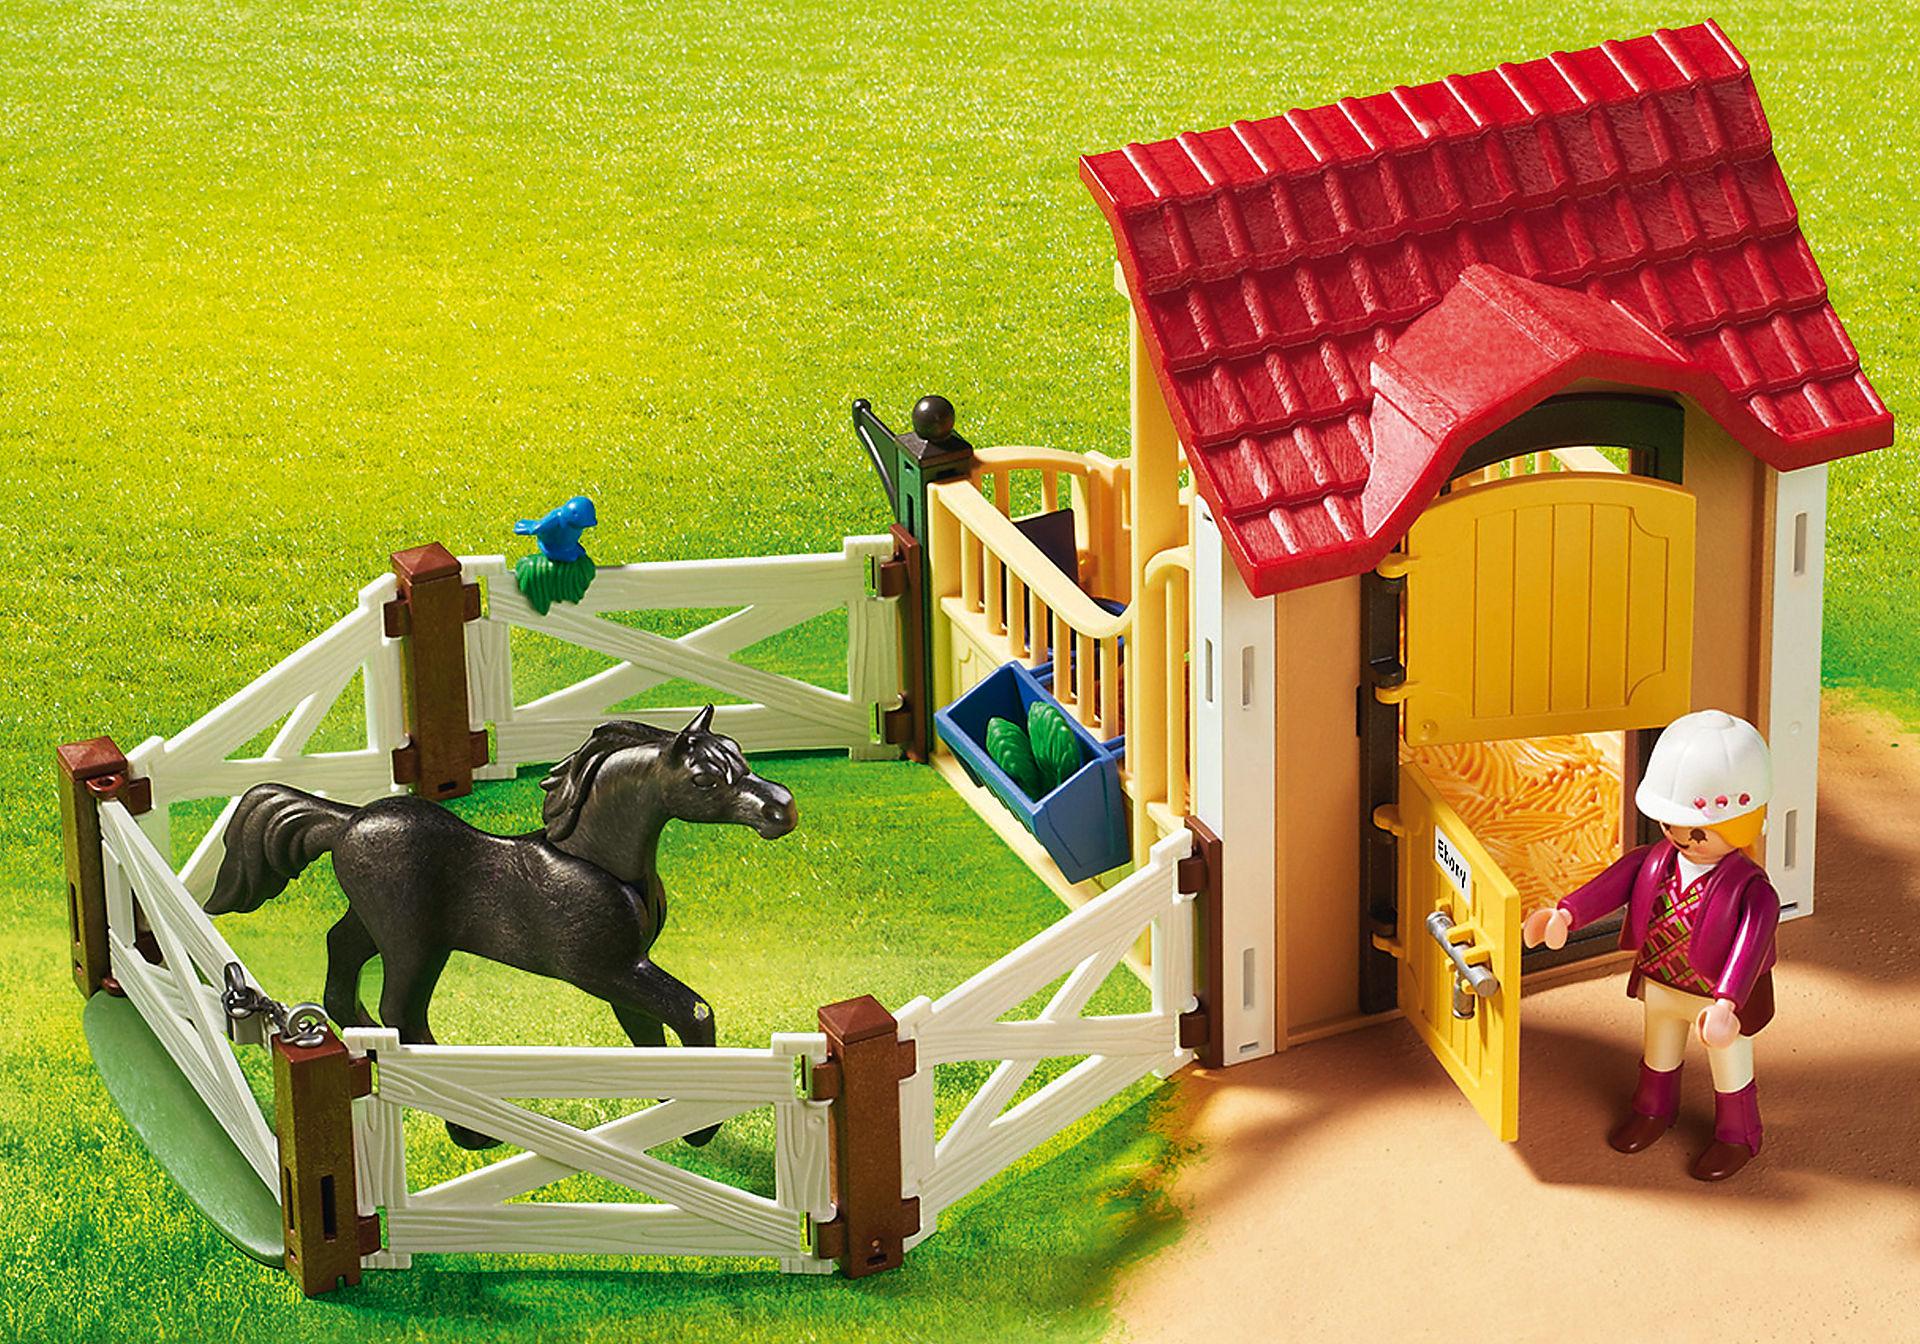 6934 Cavalo Árabe com Estábulo zoom image7